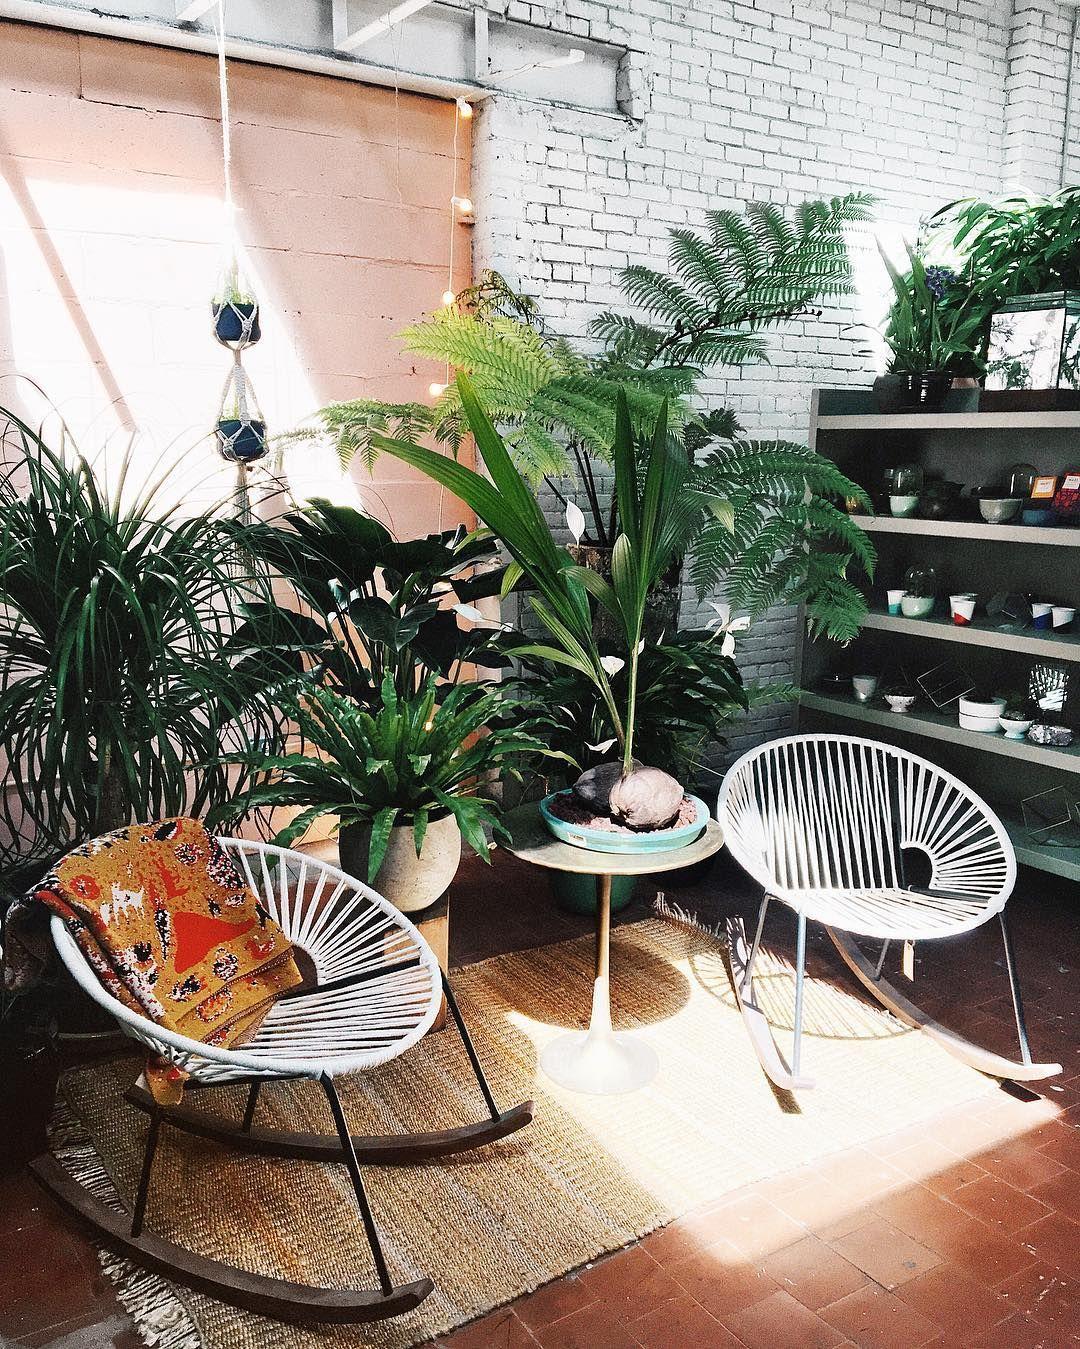 instagram daham is am scheenstn pinterest erste eigene wohnung schaukelst hle und. Black Bedroom Furniture Sets. Home Design Ideas